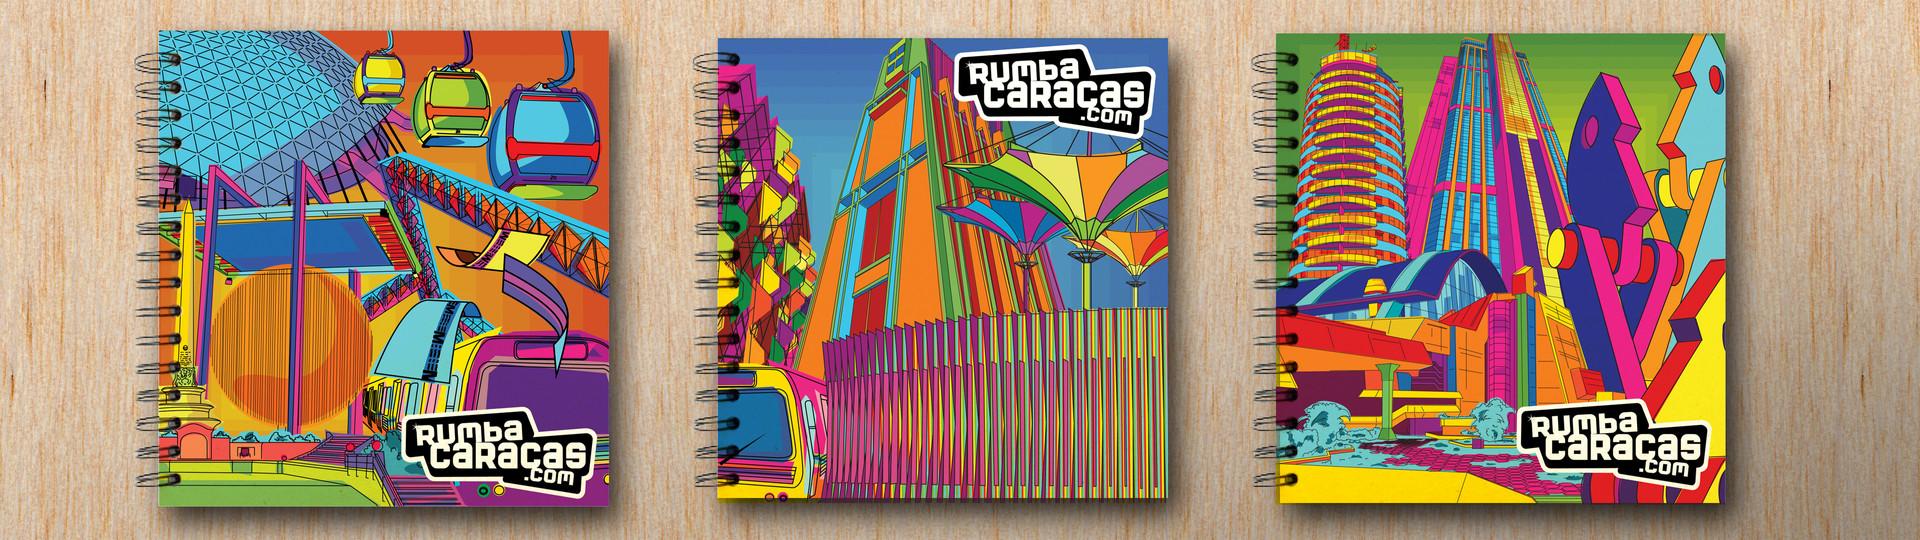 RumbaCaracas.jpg